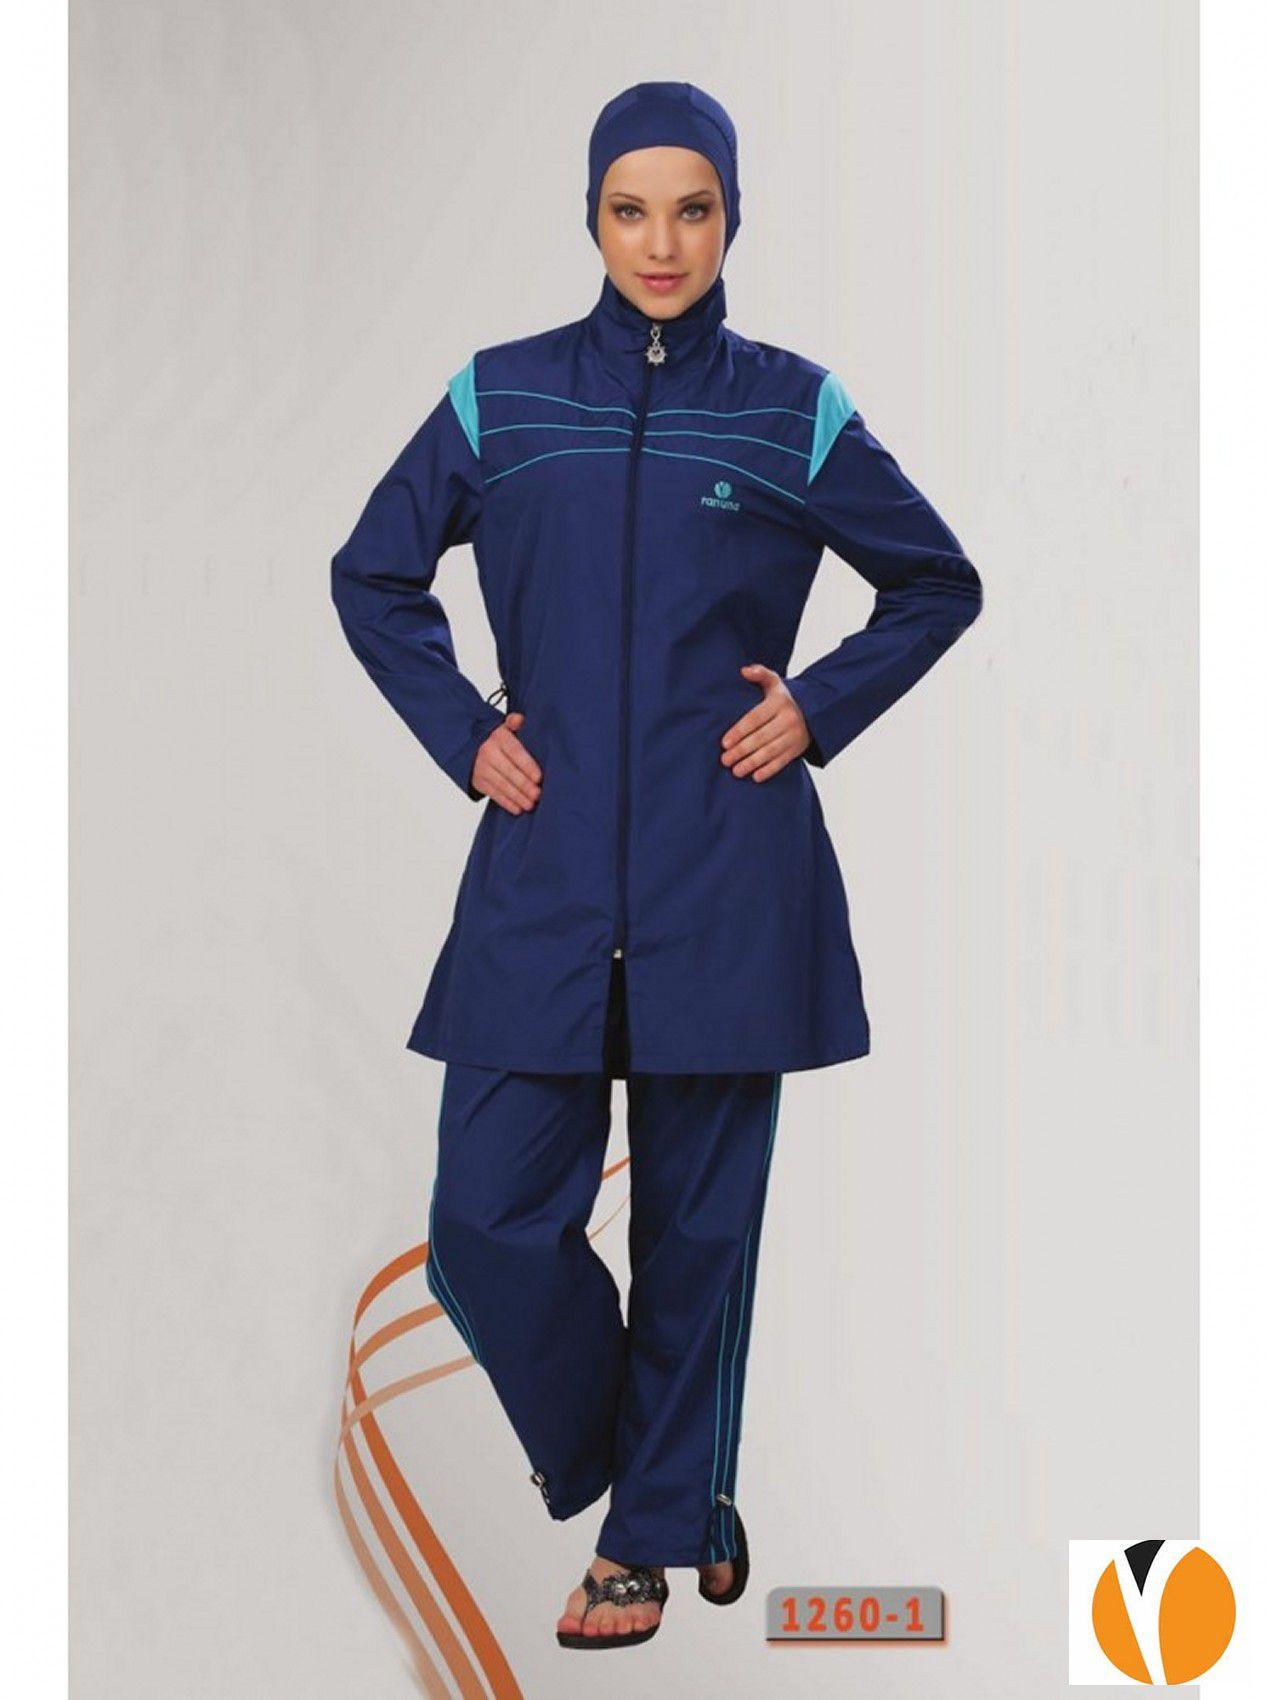 Одежда коллекция спортивная одежда 2014